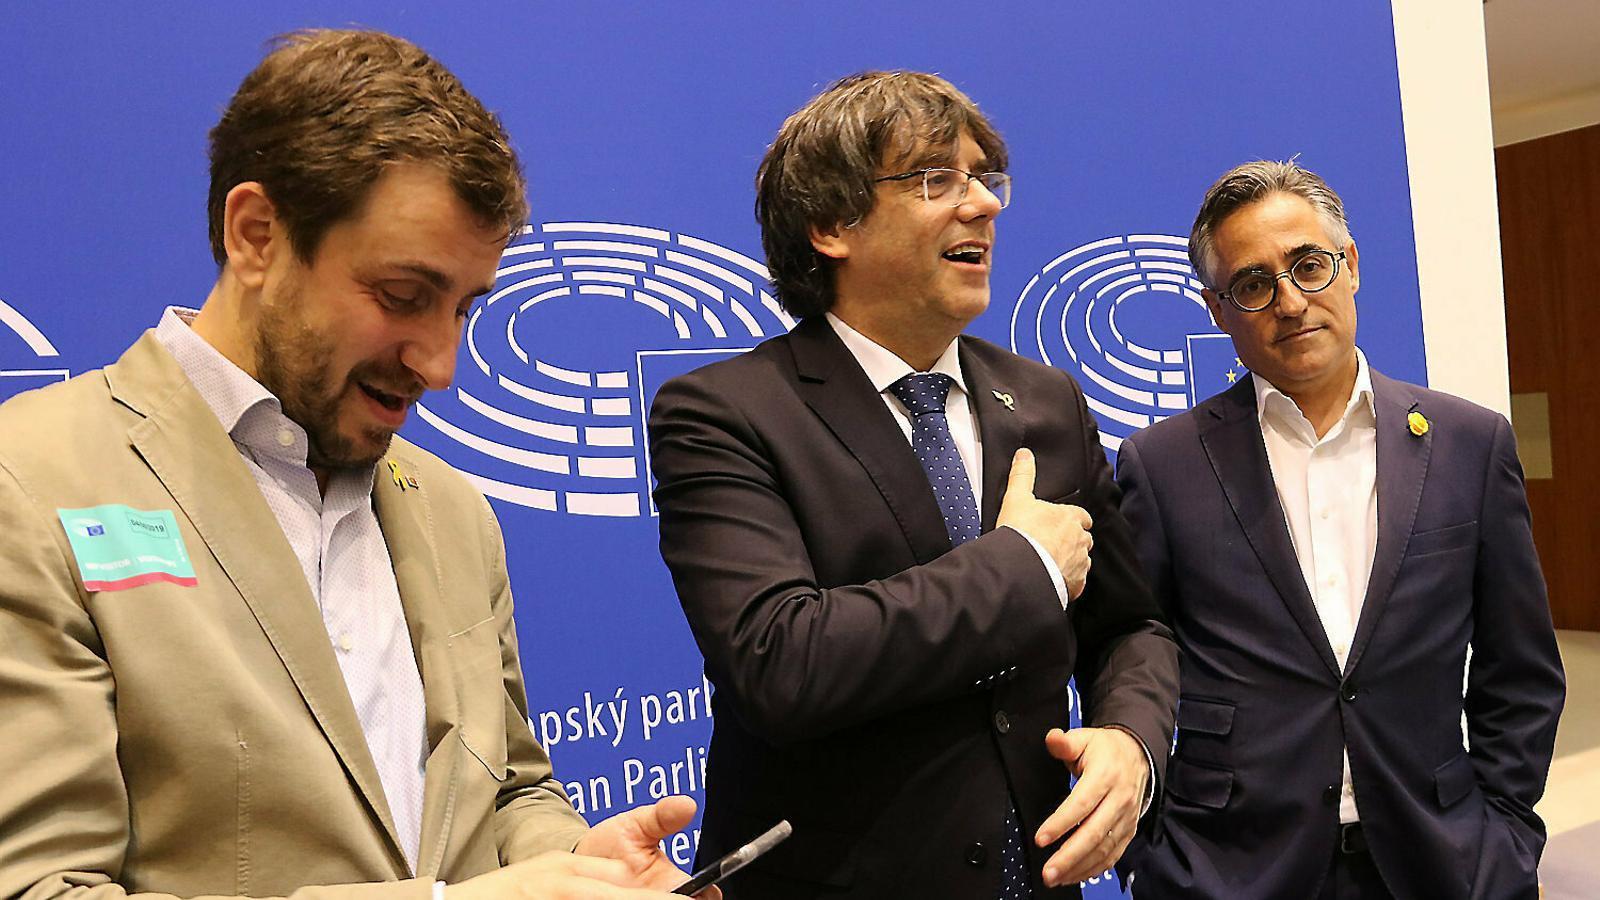 El Suprem insisteix que per obtenir la immunitat no n'hi ha prou amb ser elegit eurodiputat